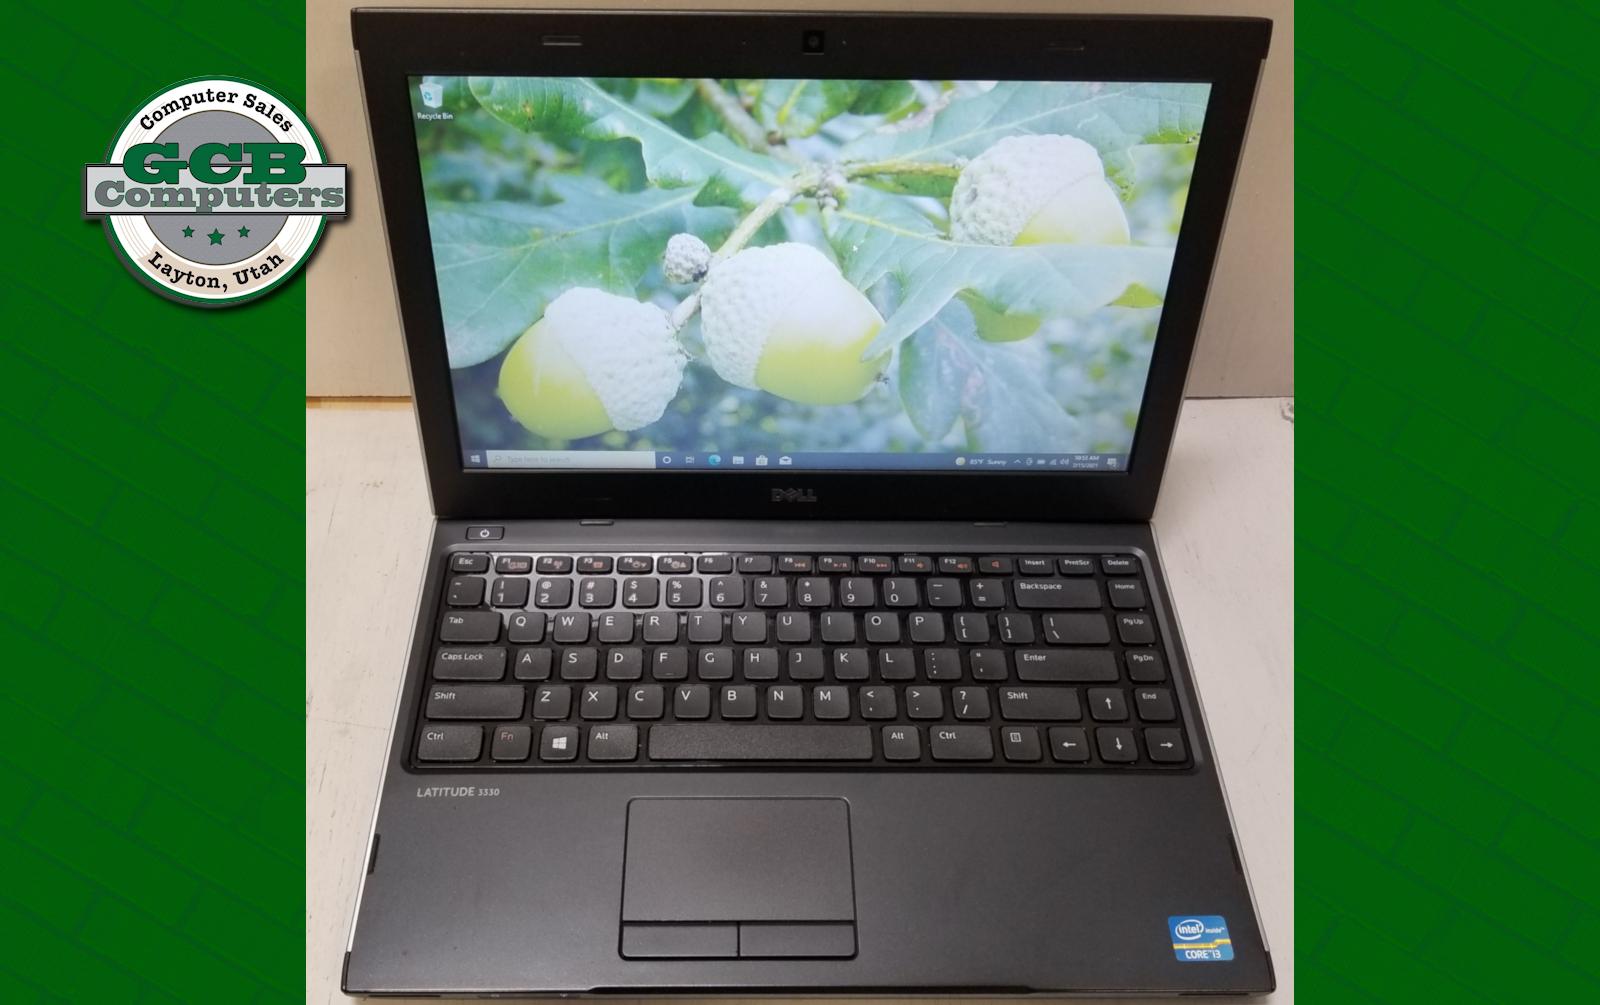 $100 Dell 3330 i3-2375M 128GB SSD 8GB RAM